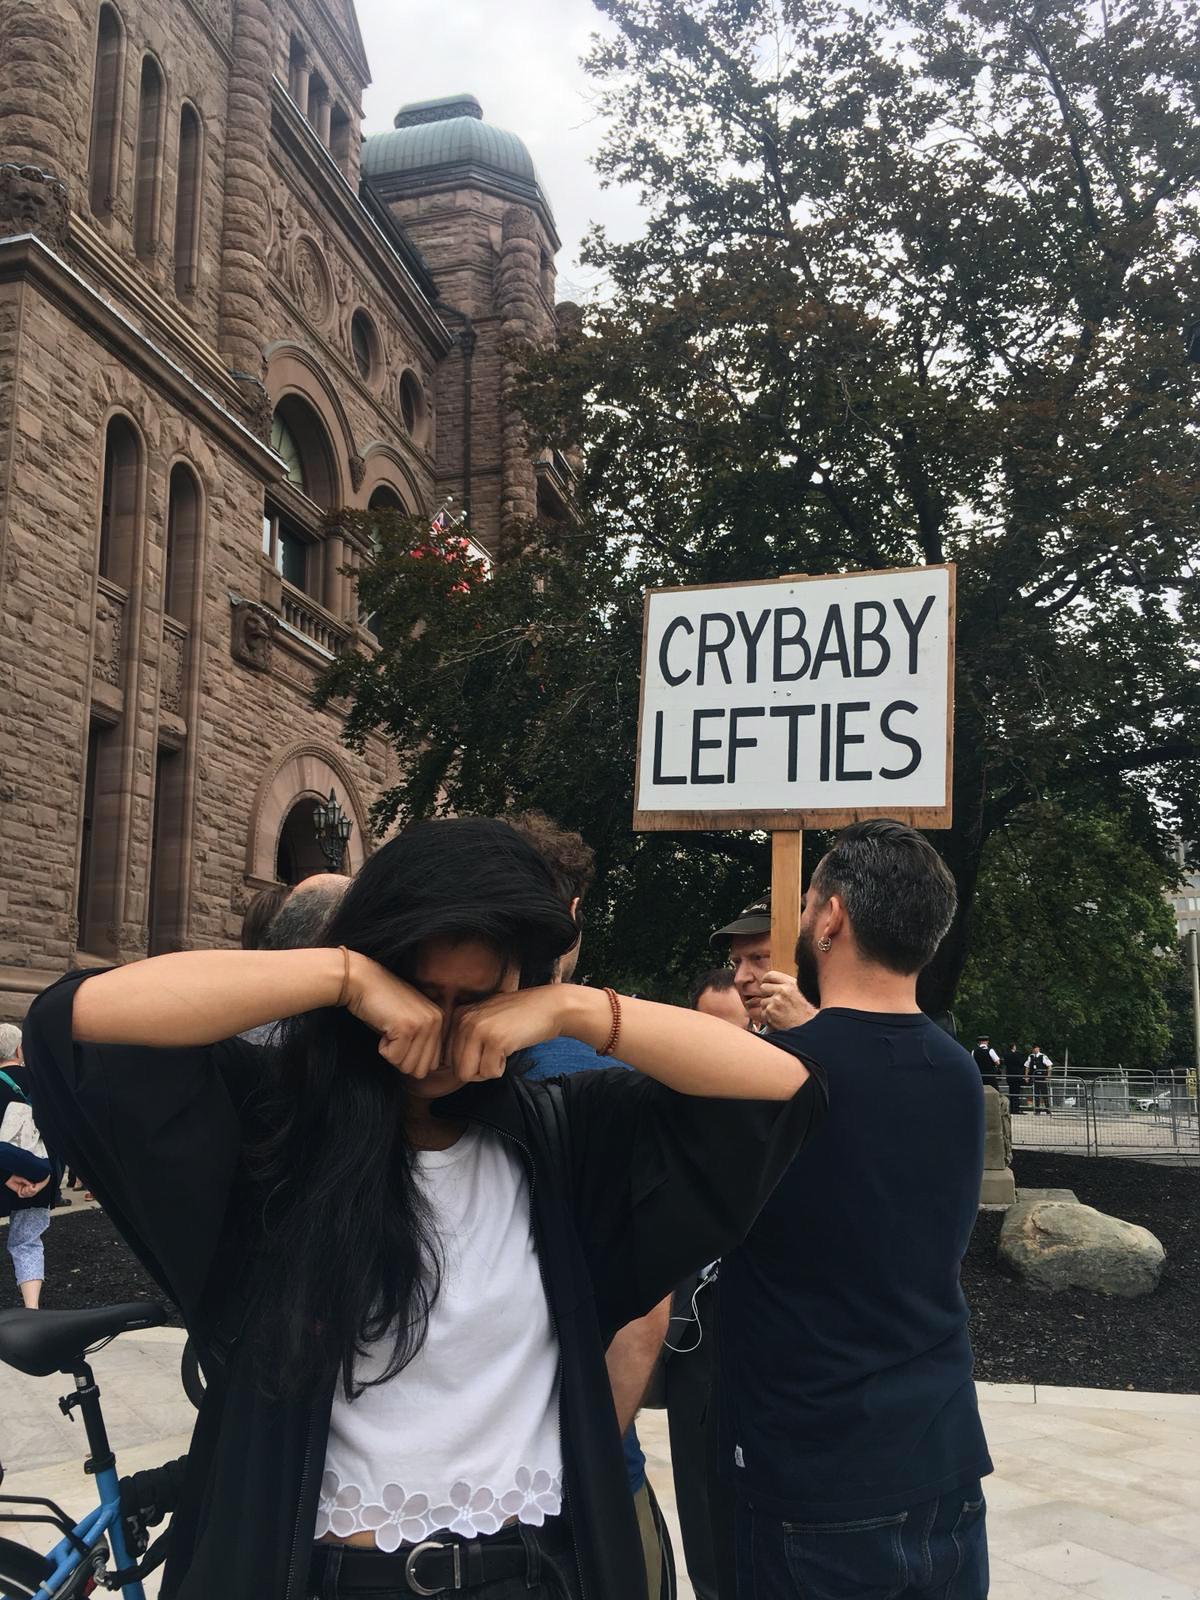 crybaby-lefties.jpeg